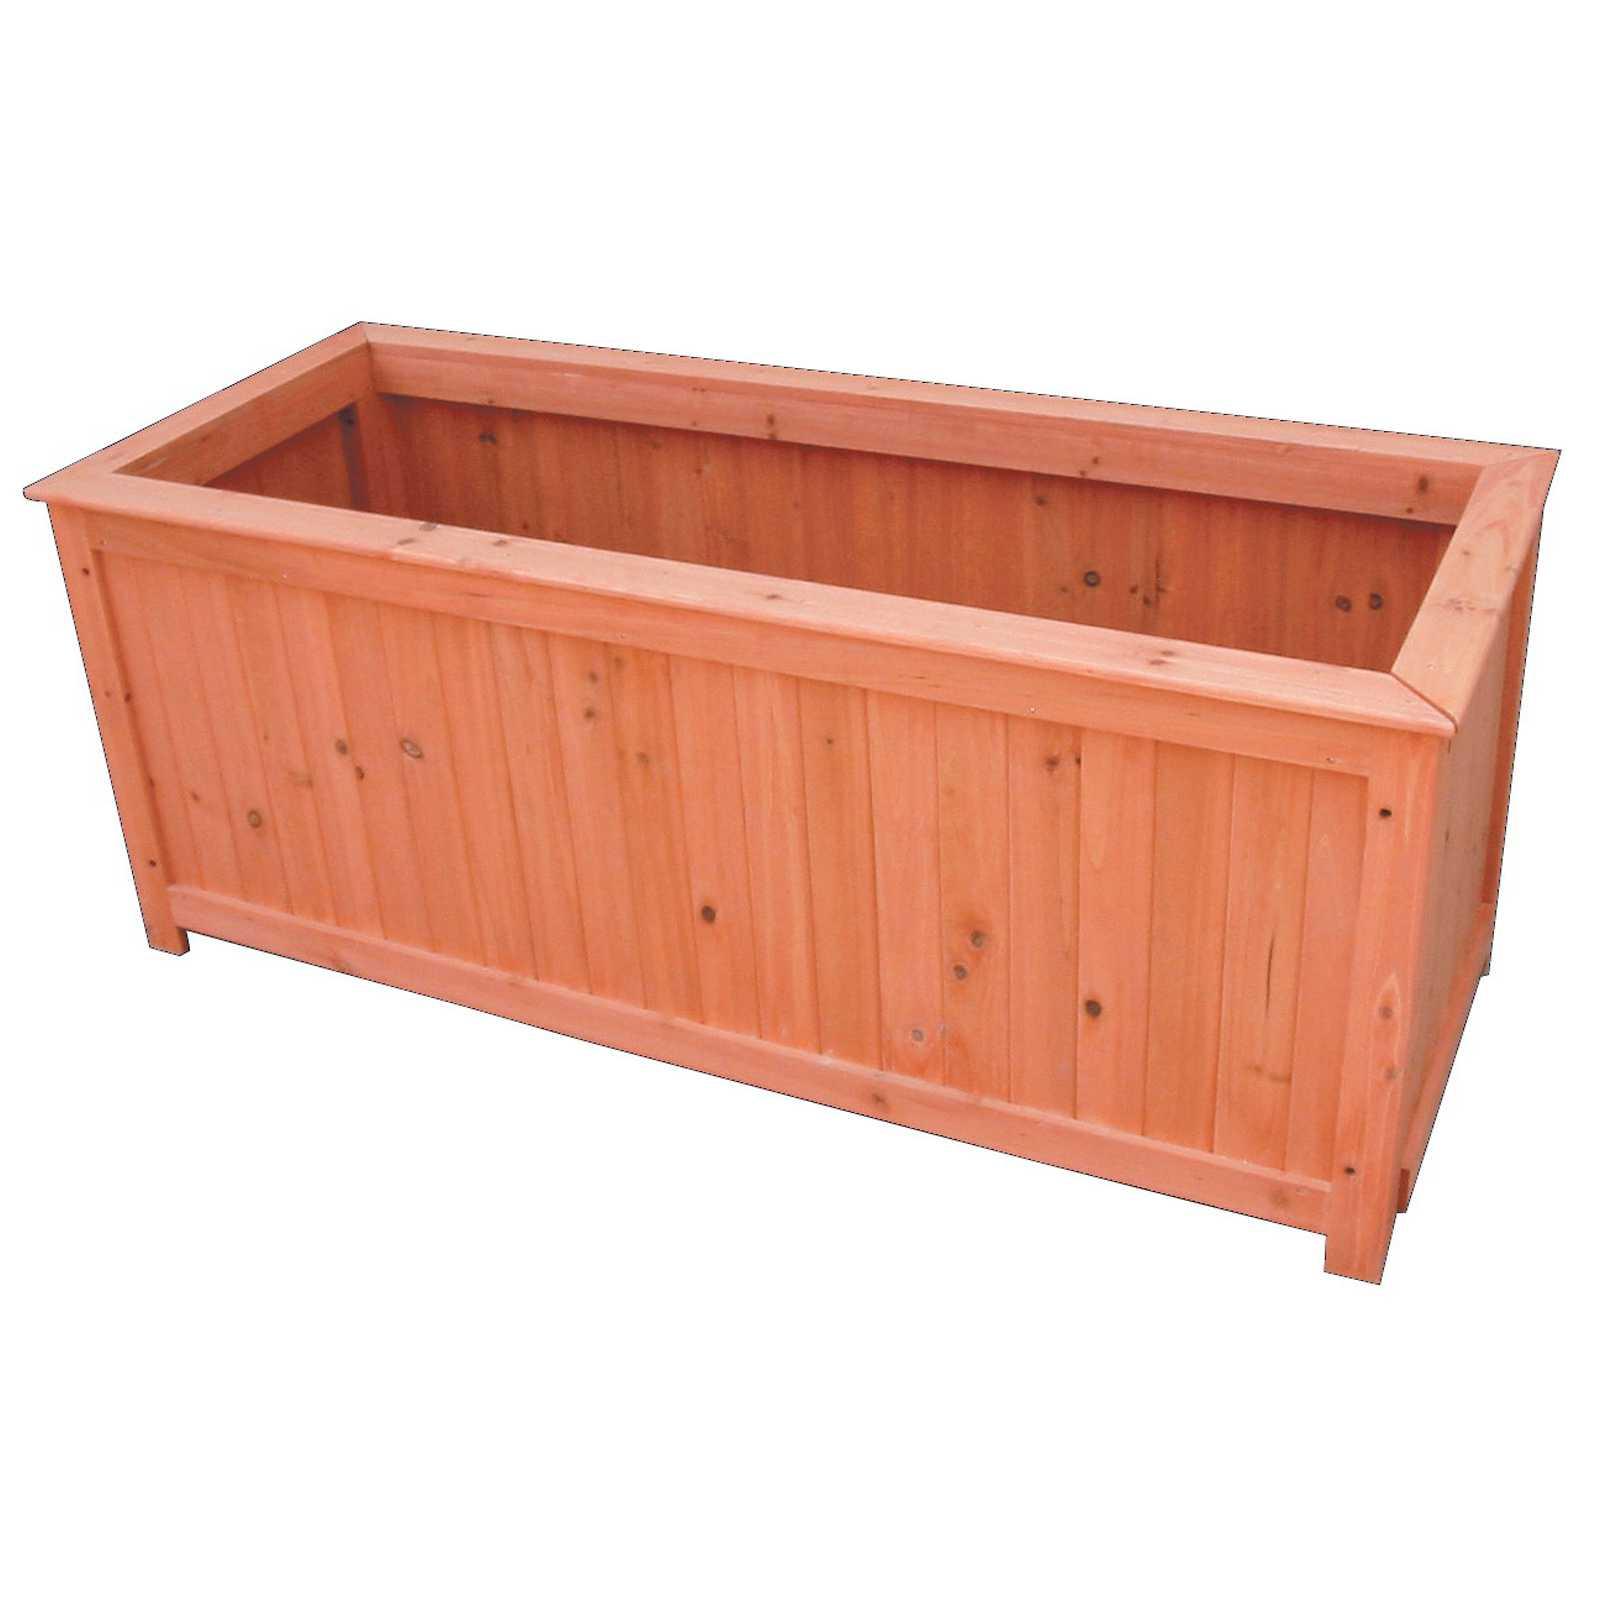 Cassetta in legno trattato cm 90x45x45h ideale per piante e fiori - vasi e fioriere